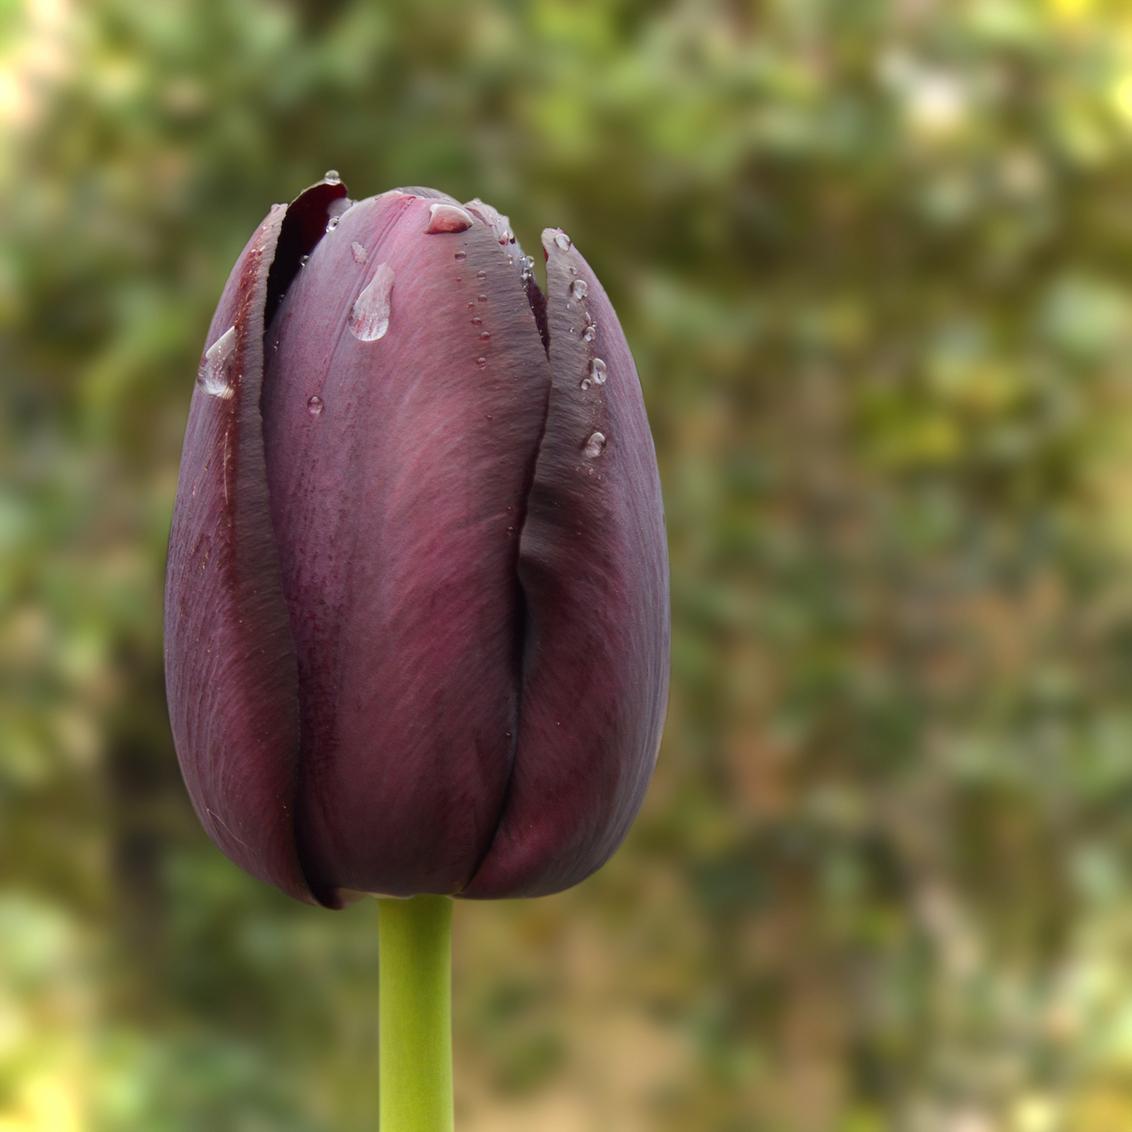 Tulp - Dit leek mij een bijzondere tulp, fris, zeldzame kleur... de druppels achtergebleven van een van de vele buien waar we op getrakteerd werden waren ei - foto door kosmopol op 03-05-2012 - deze foto bevat: tulp, druppels, kosmopol